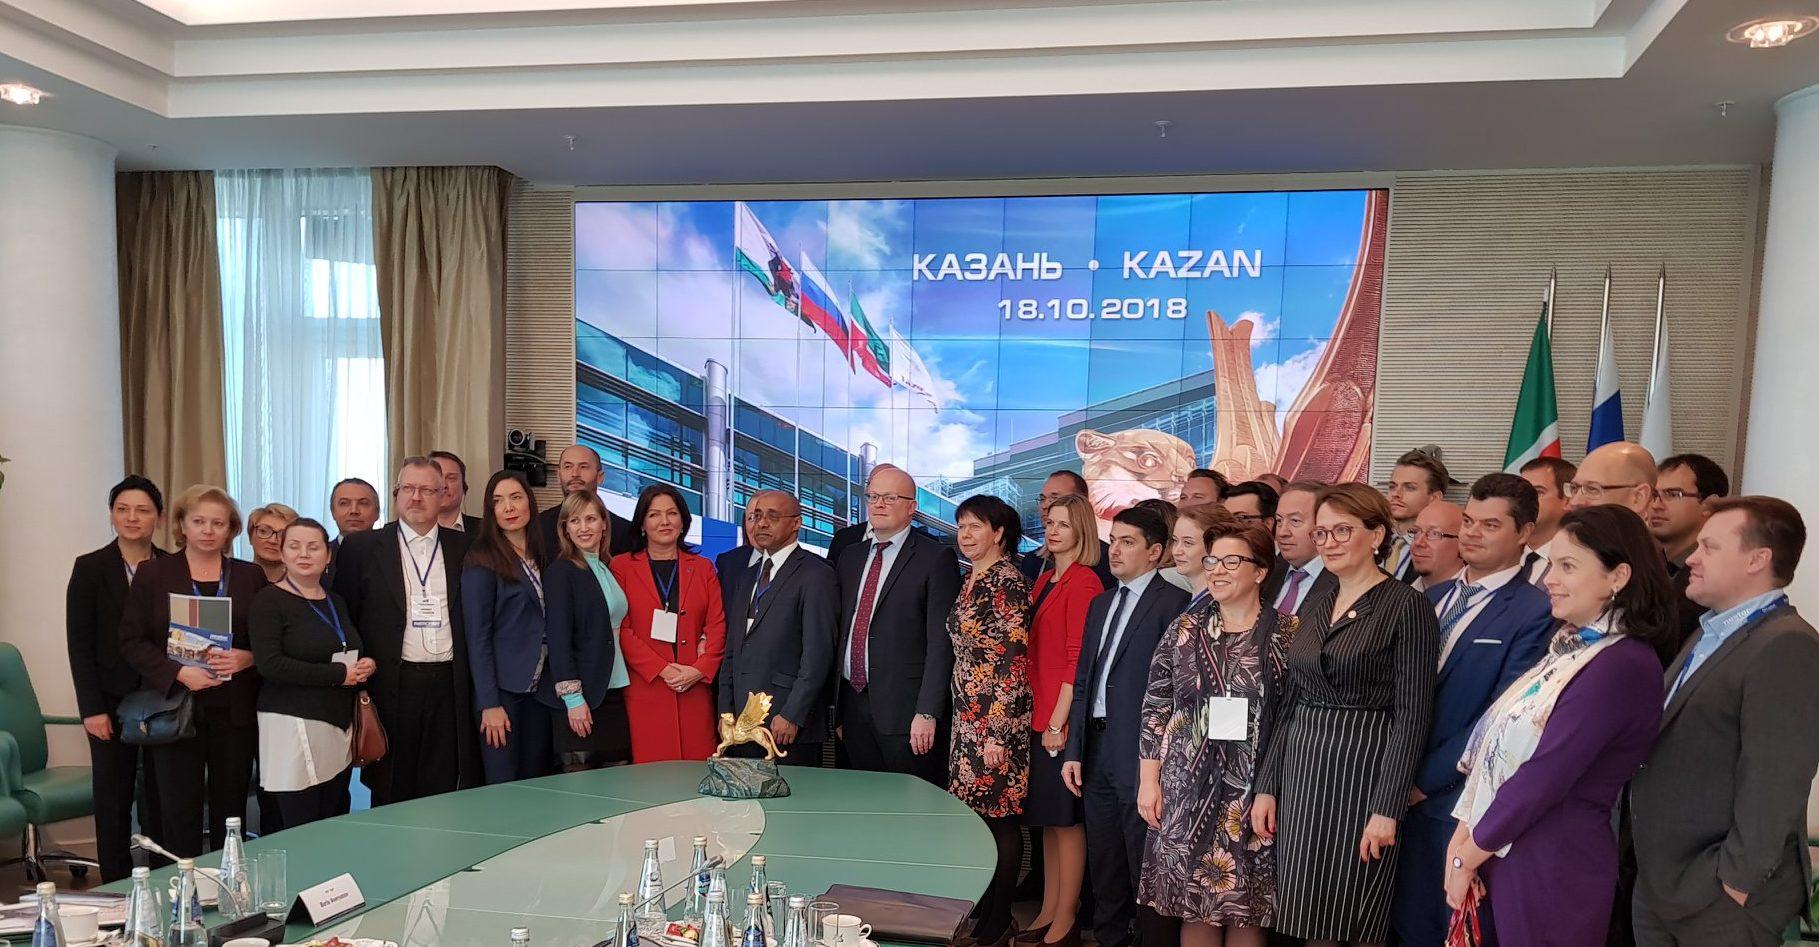 HONKA приняла участие в мероприятии Finnish Business в Казани